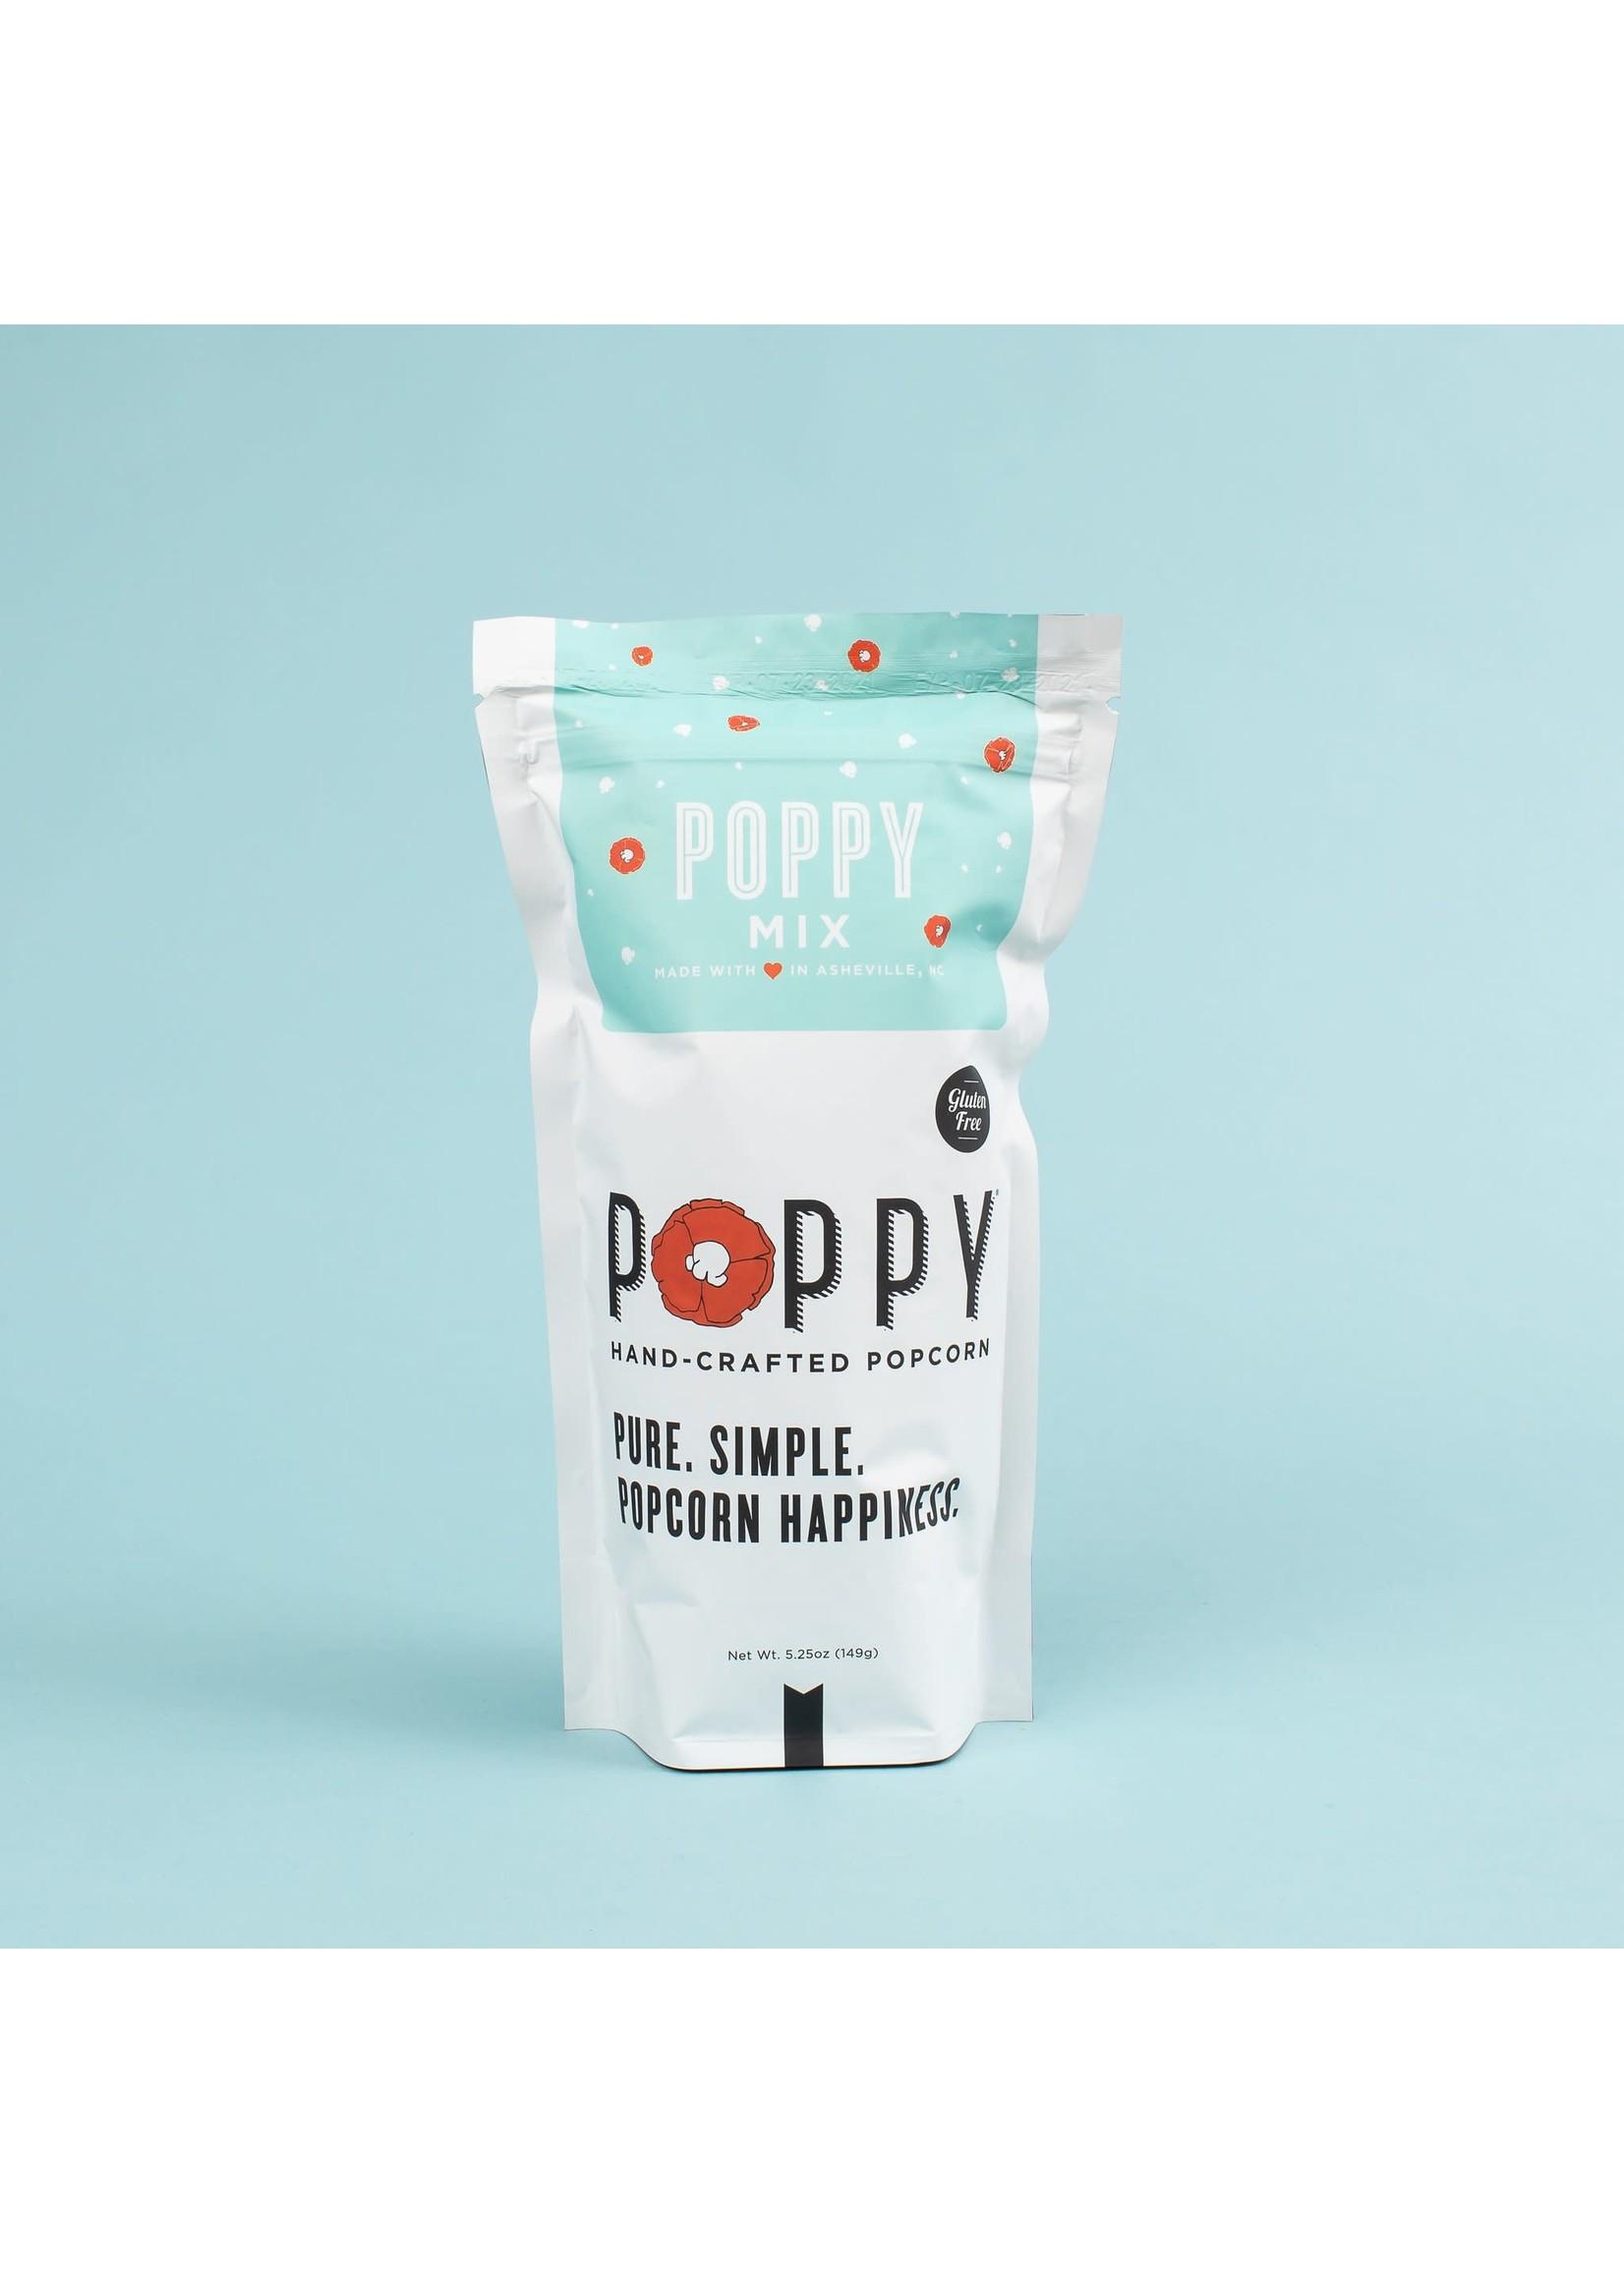 Poppy Handcrafted Popcorn Poppy Mix Popcorn